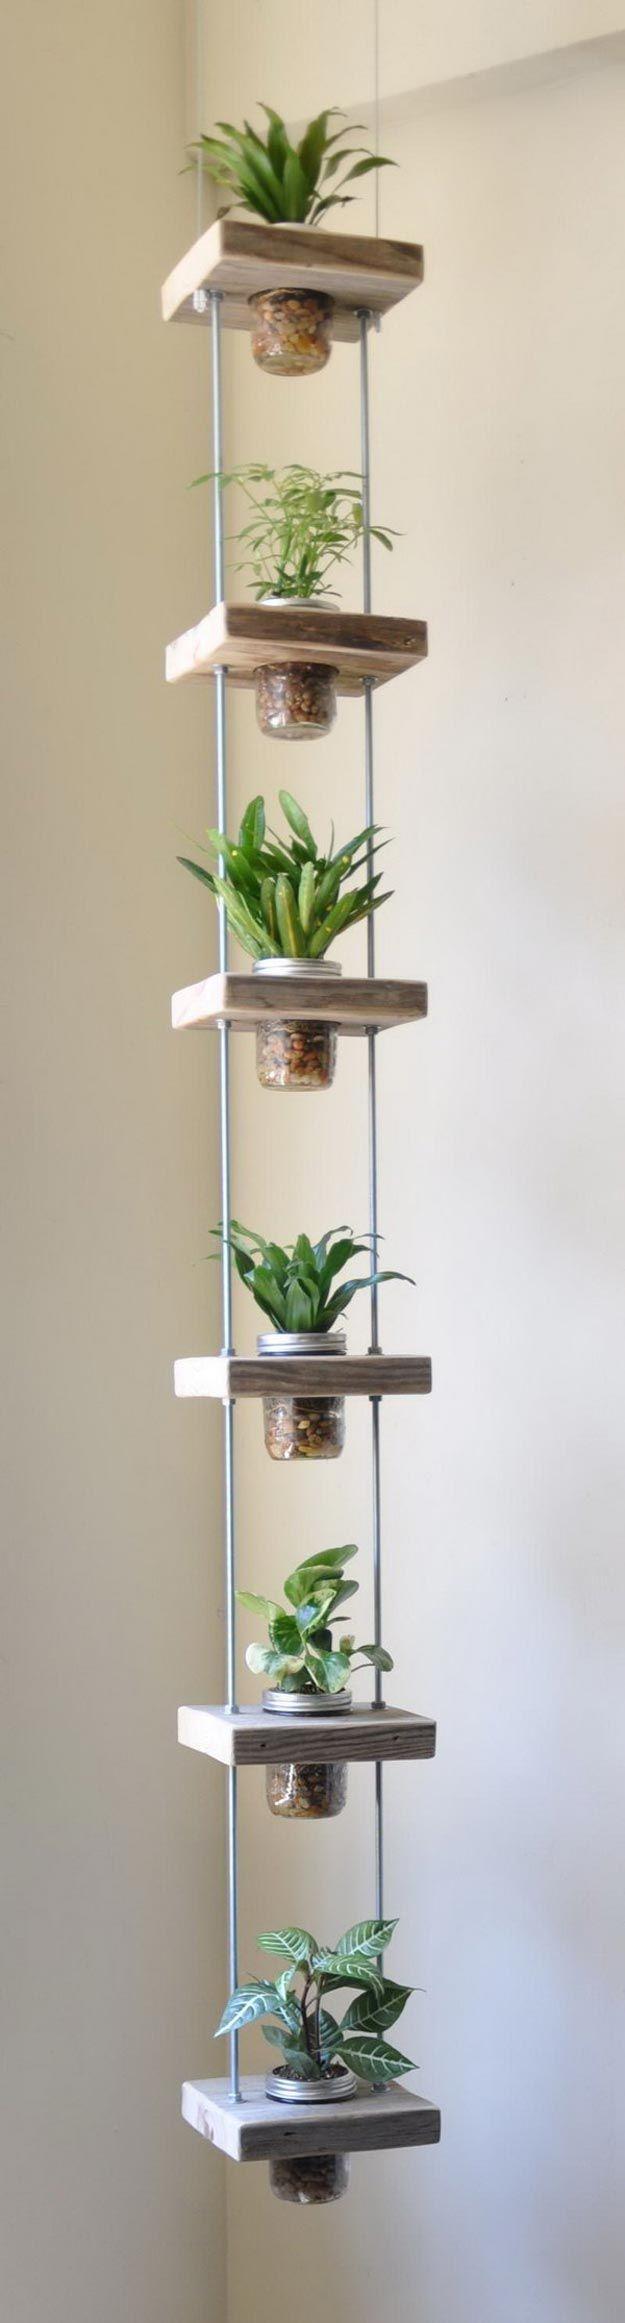 Mason Jar Vertical Herb Garden | How To Grow Your Herbs Indoor - Gardening Tips and Ideas by Pioneer Settler at http://pioneersettler.com/indoor-herb-garden-ideas/